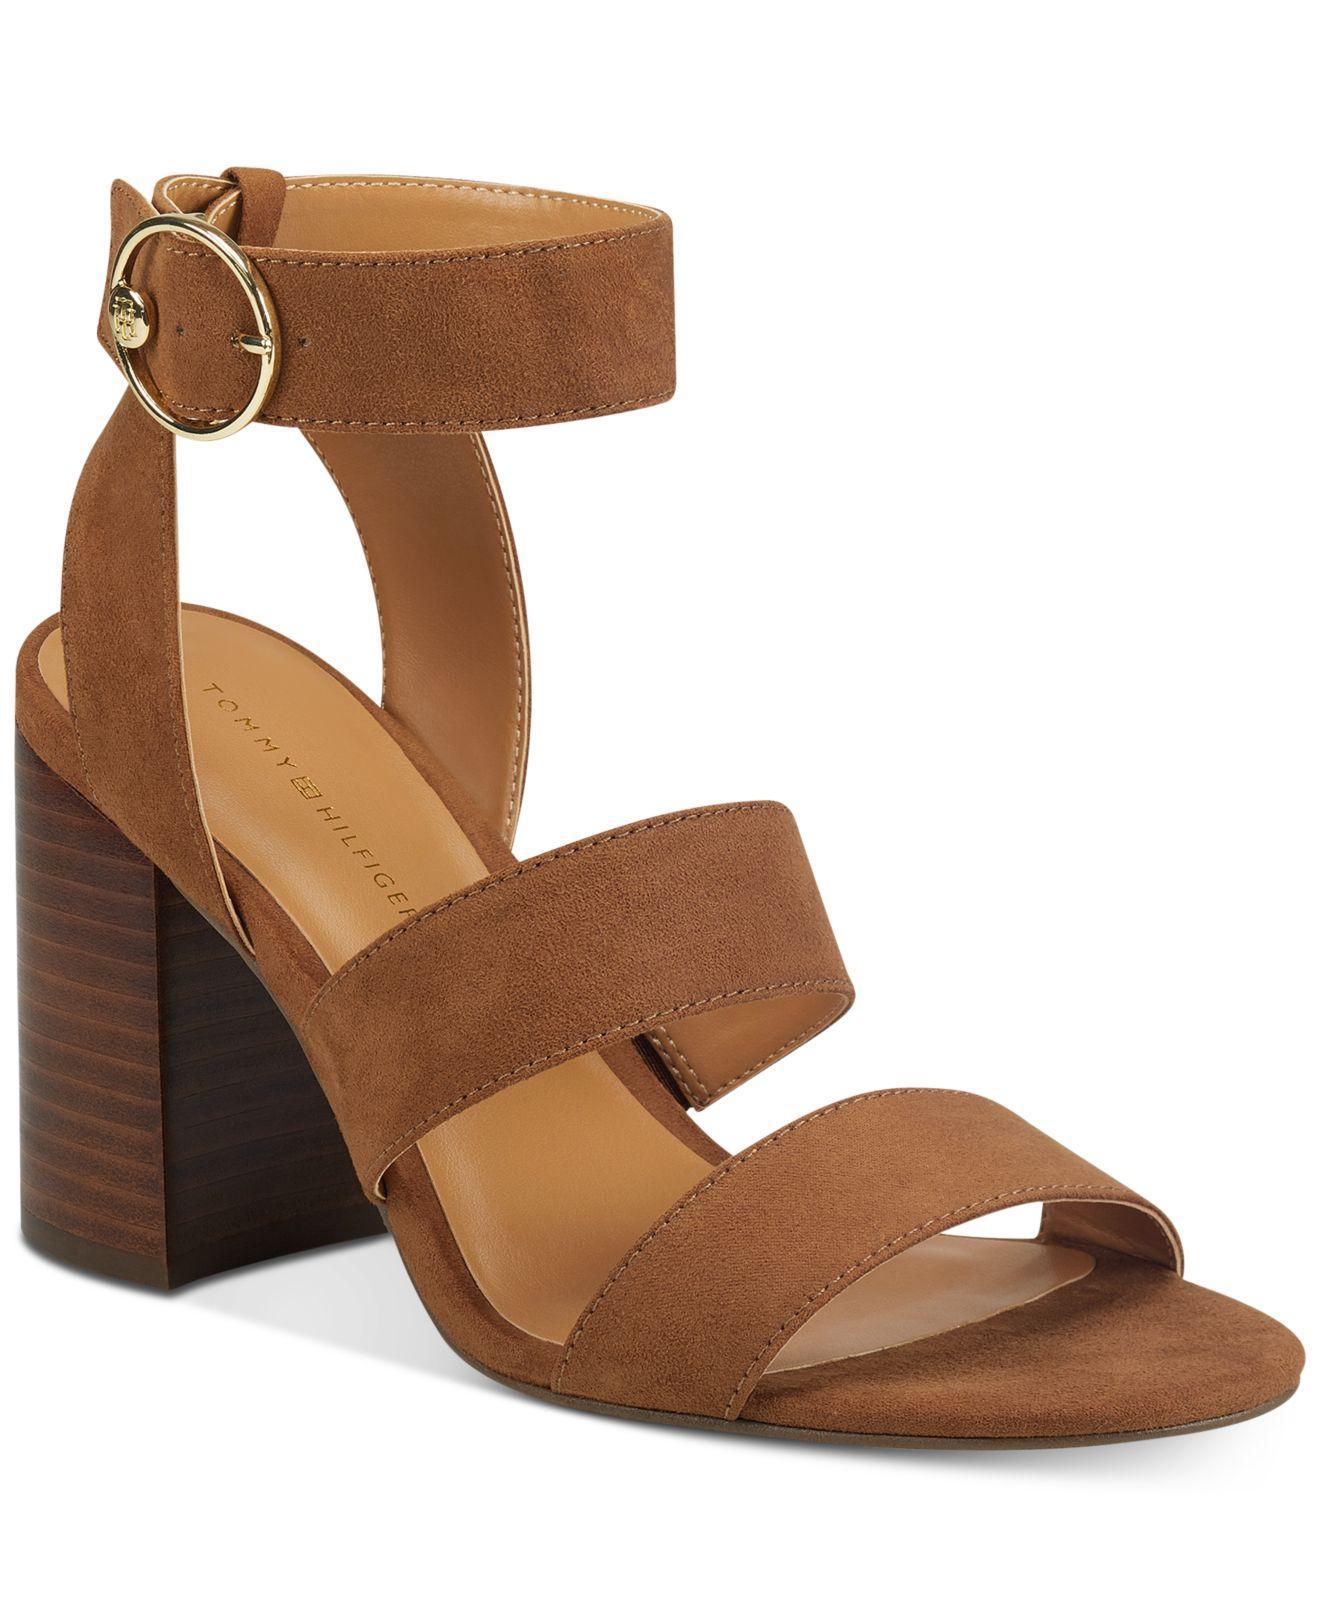 75f5a04ee8e Women's Brown Sentri Strappy Sandals